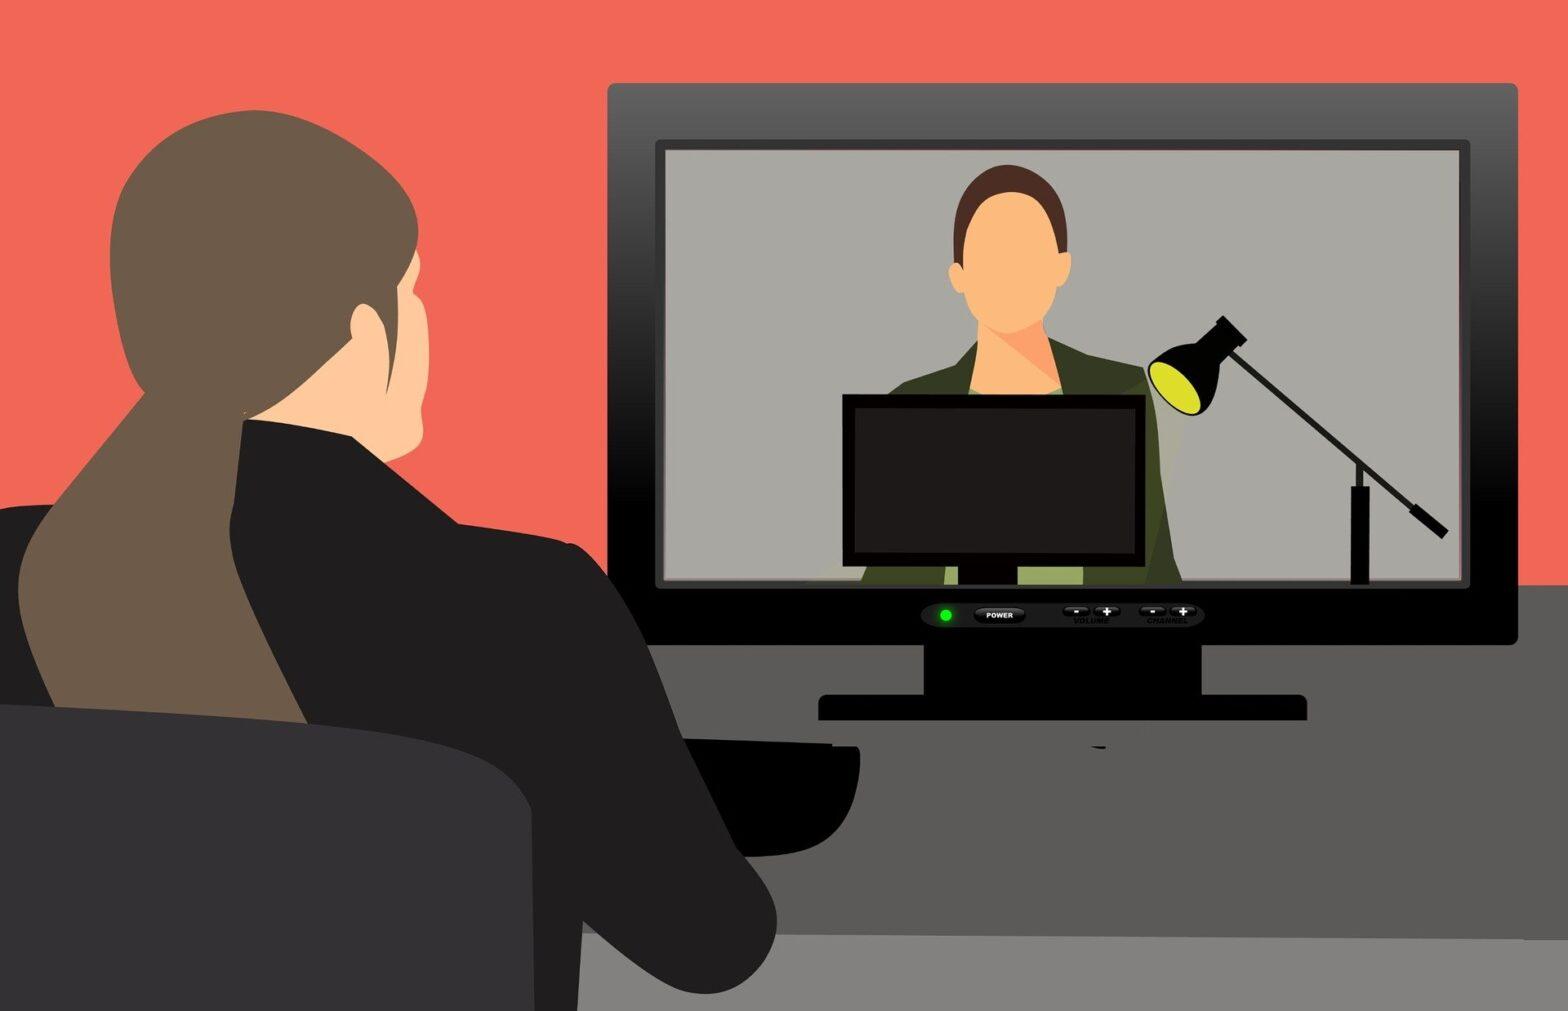 Hitta en bra onlinekurs eller distansutbildning